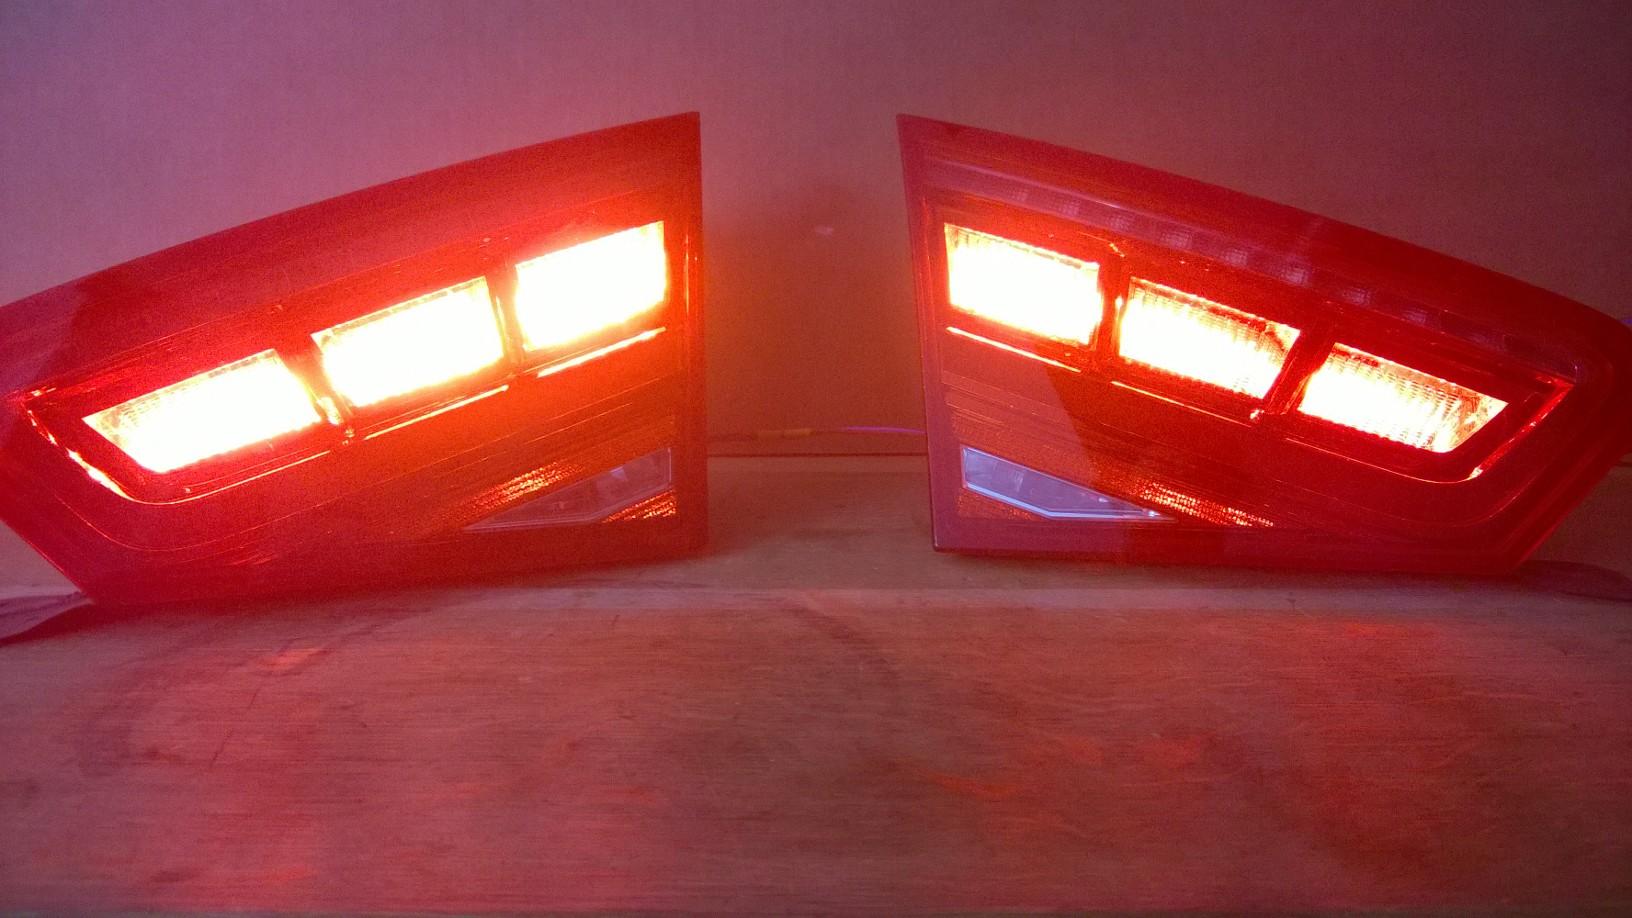 Reparatur von lampen tylnych audi a8 d4 4h0 reparatur for Lampen reparatur